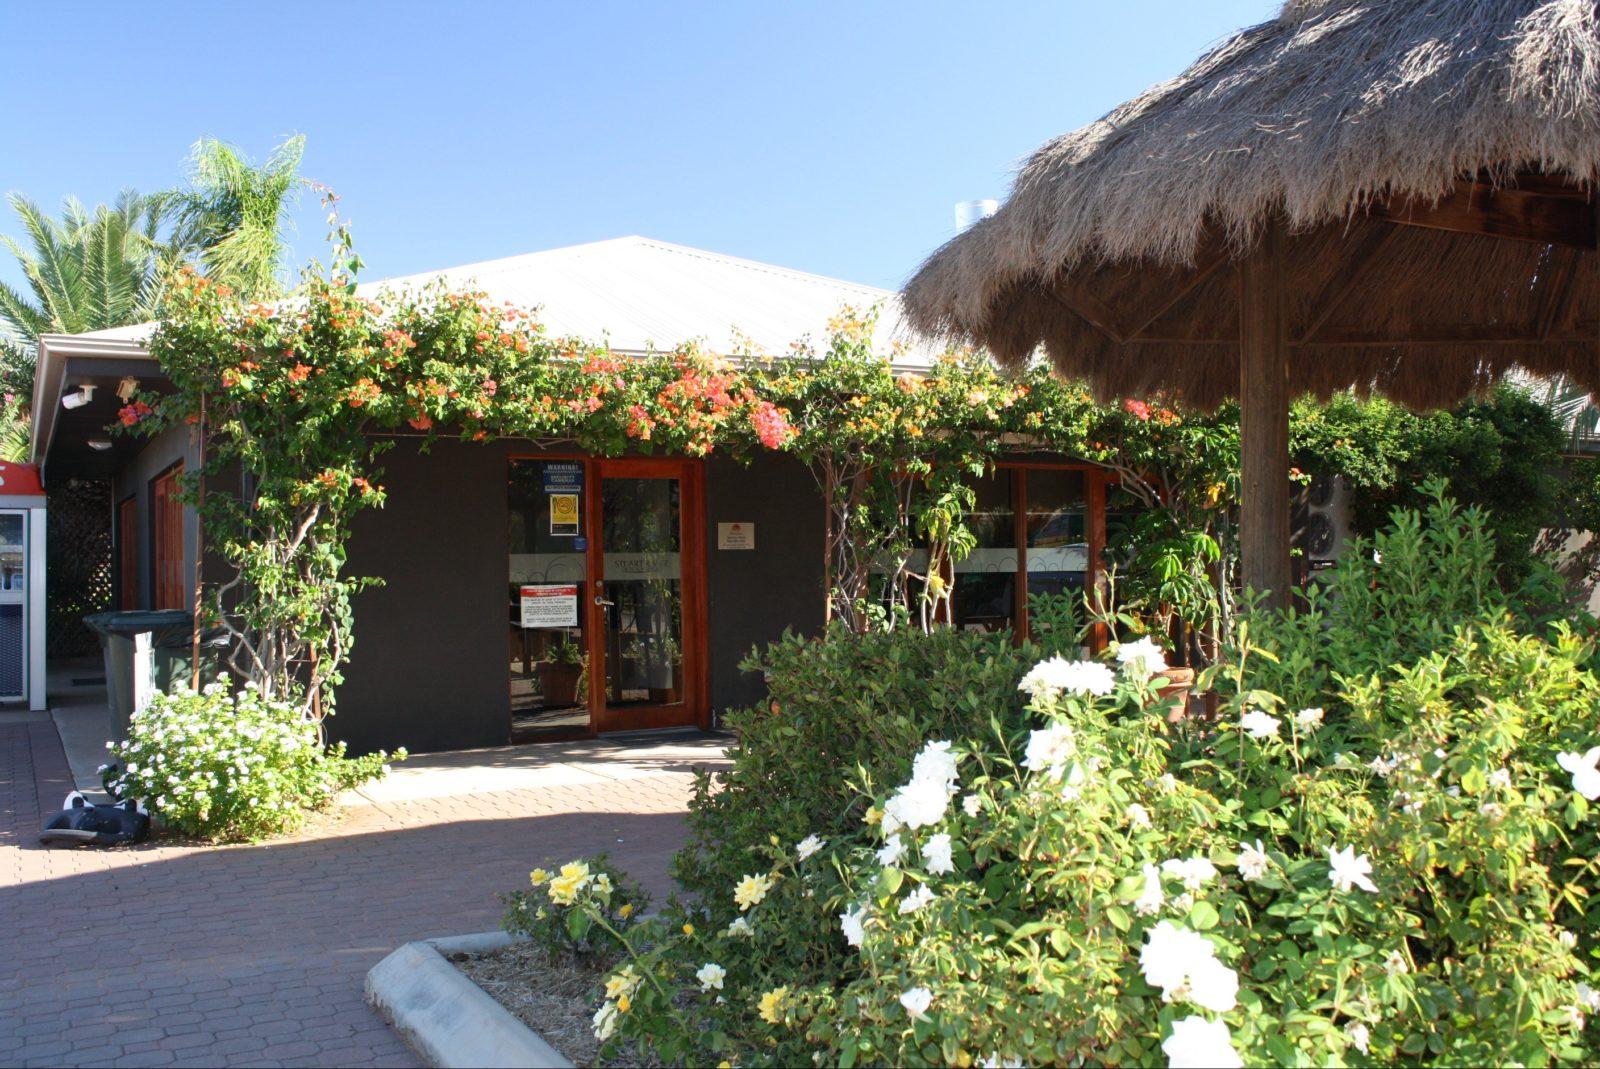 BIG4 Stuart Range Outback Resort reception